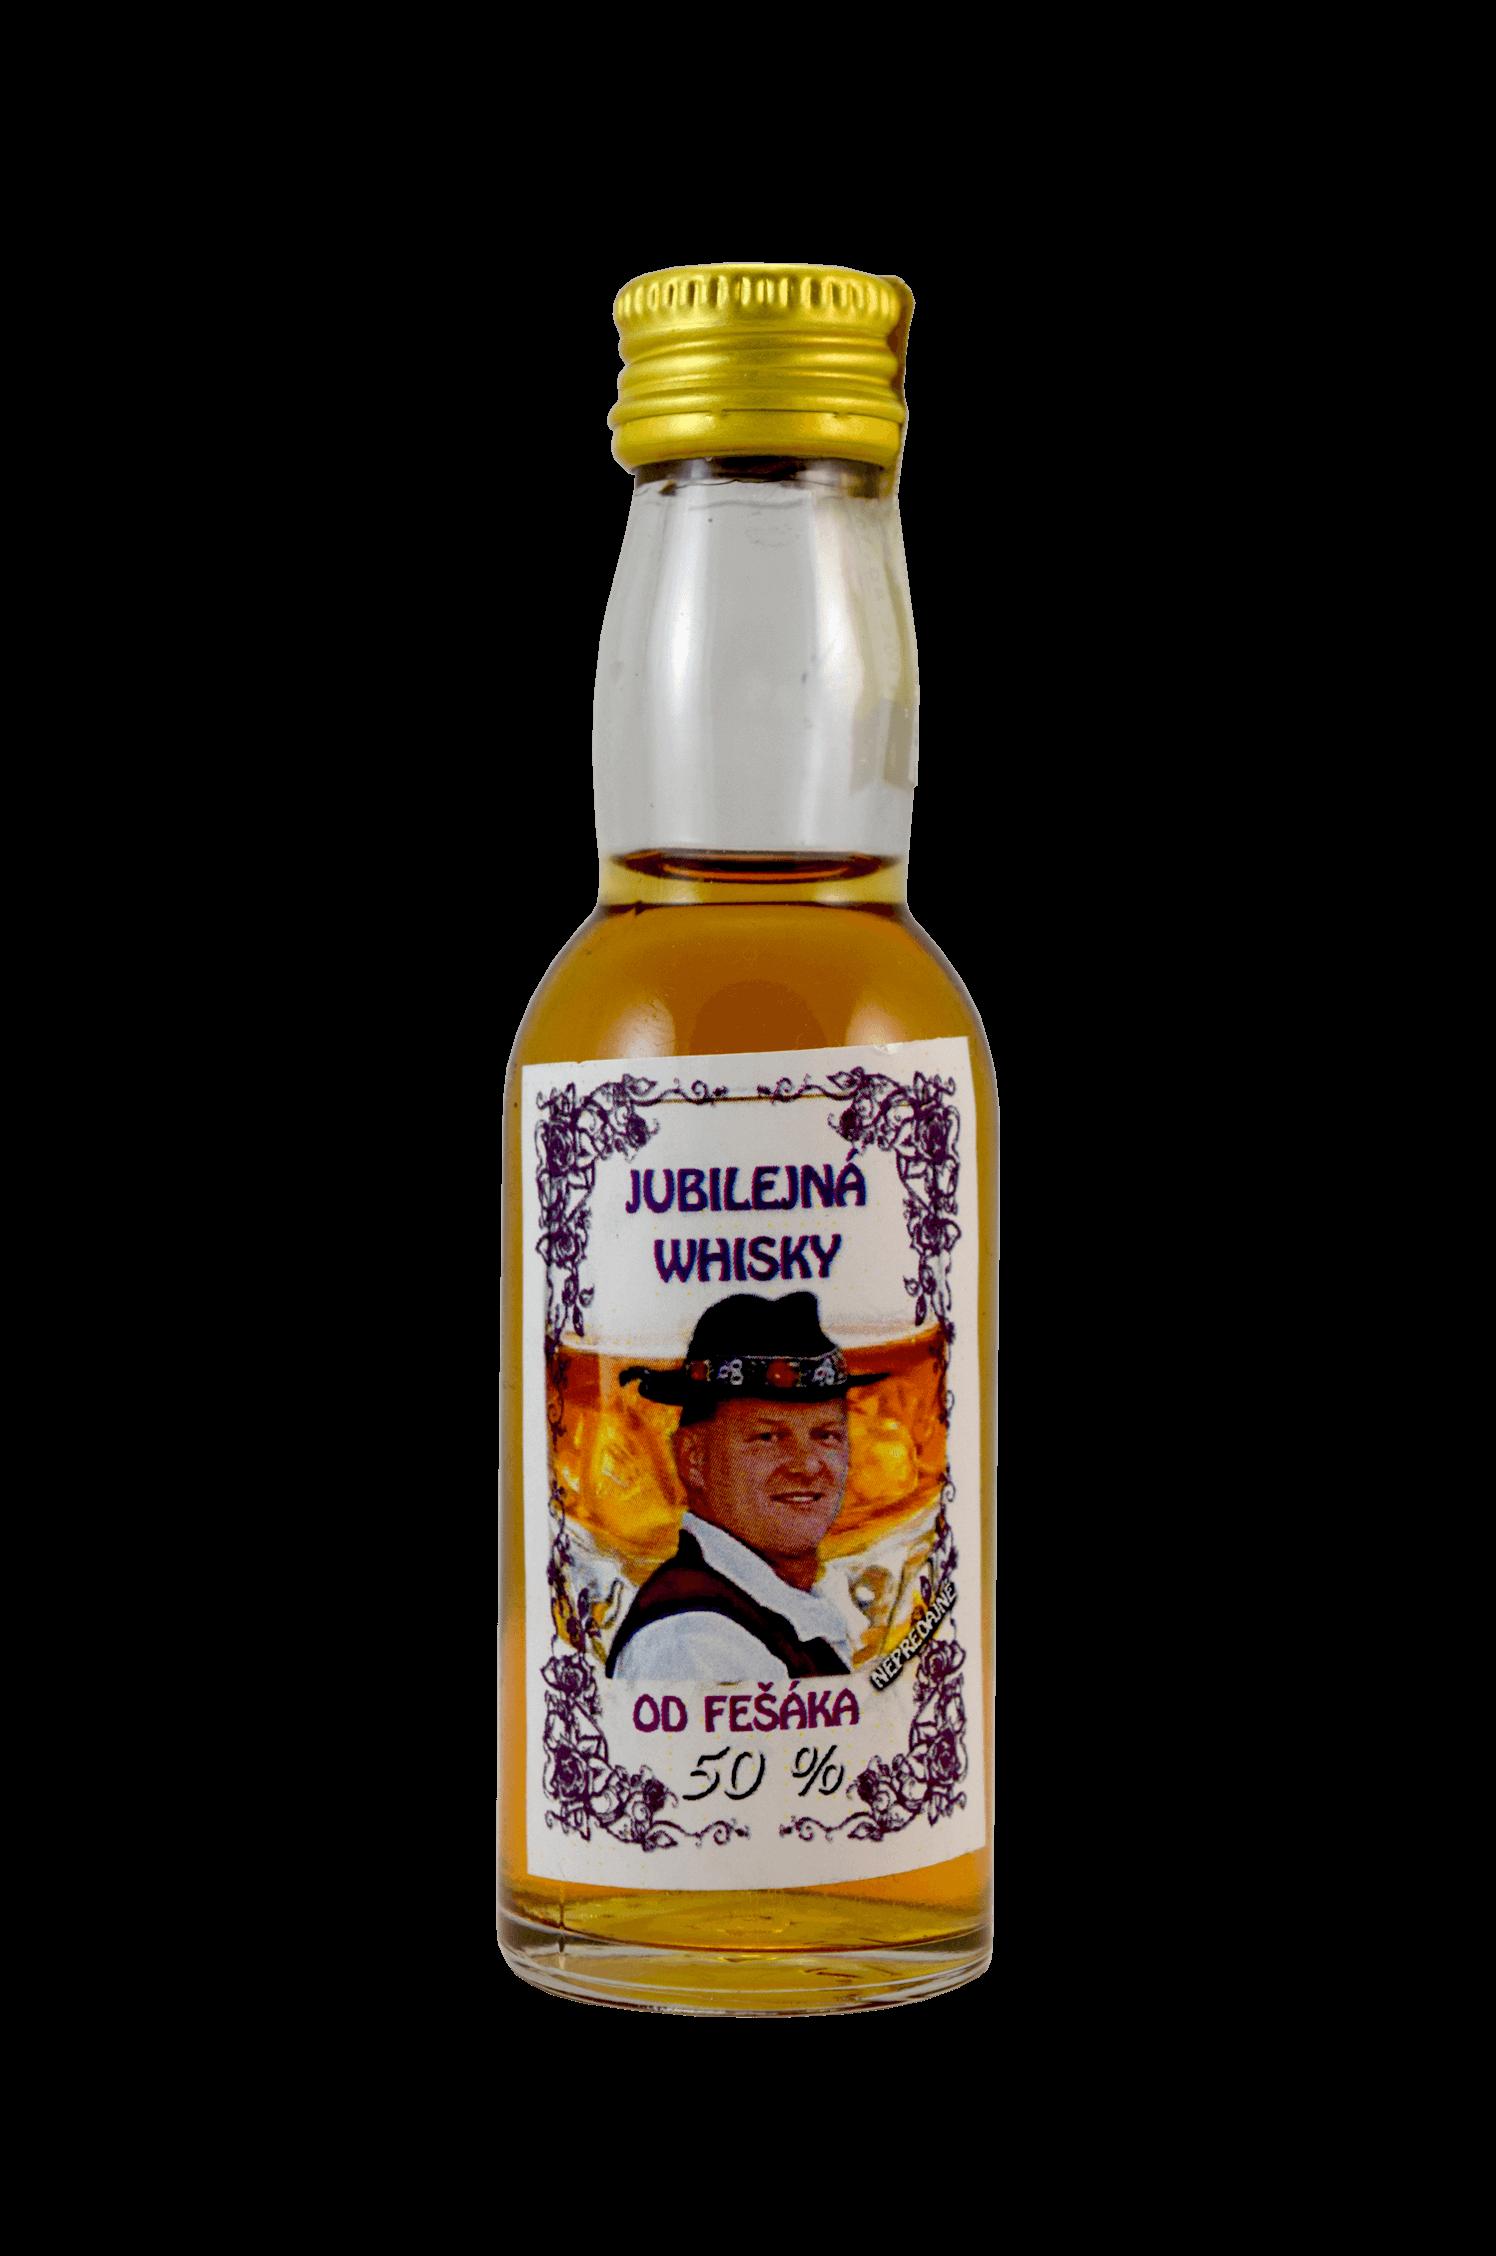 Jubilejná Whisky Od Fešáka